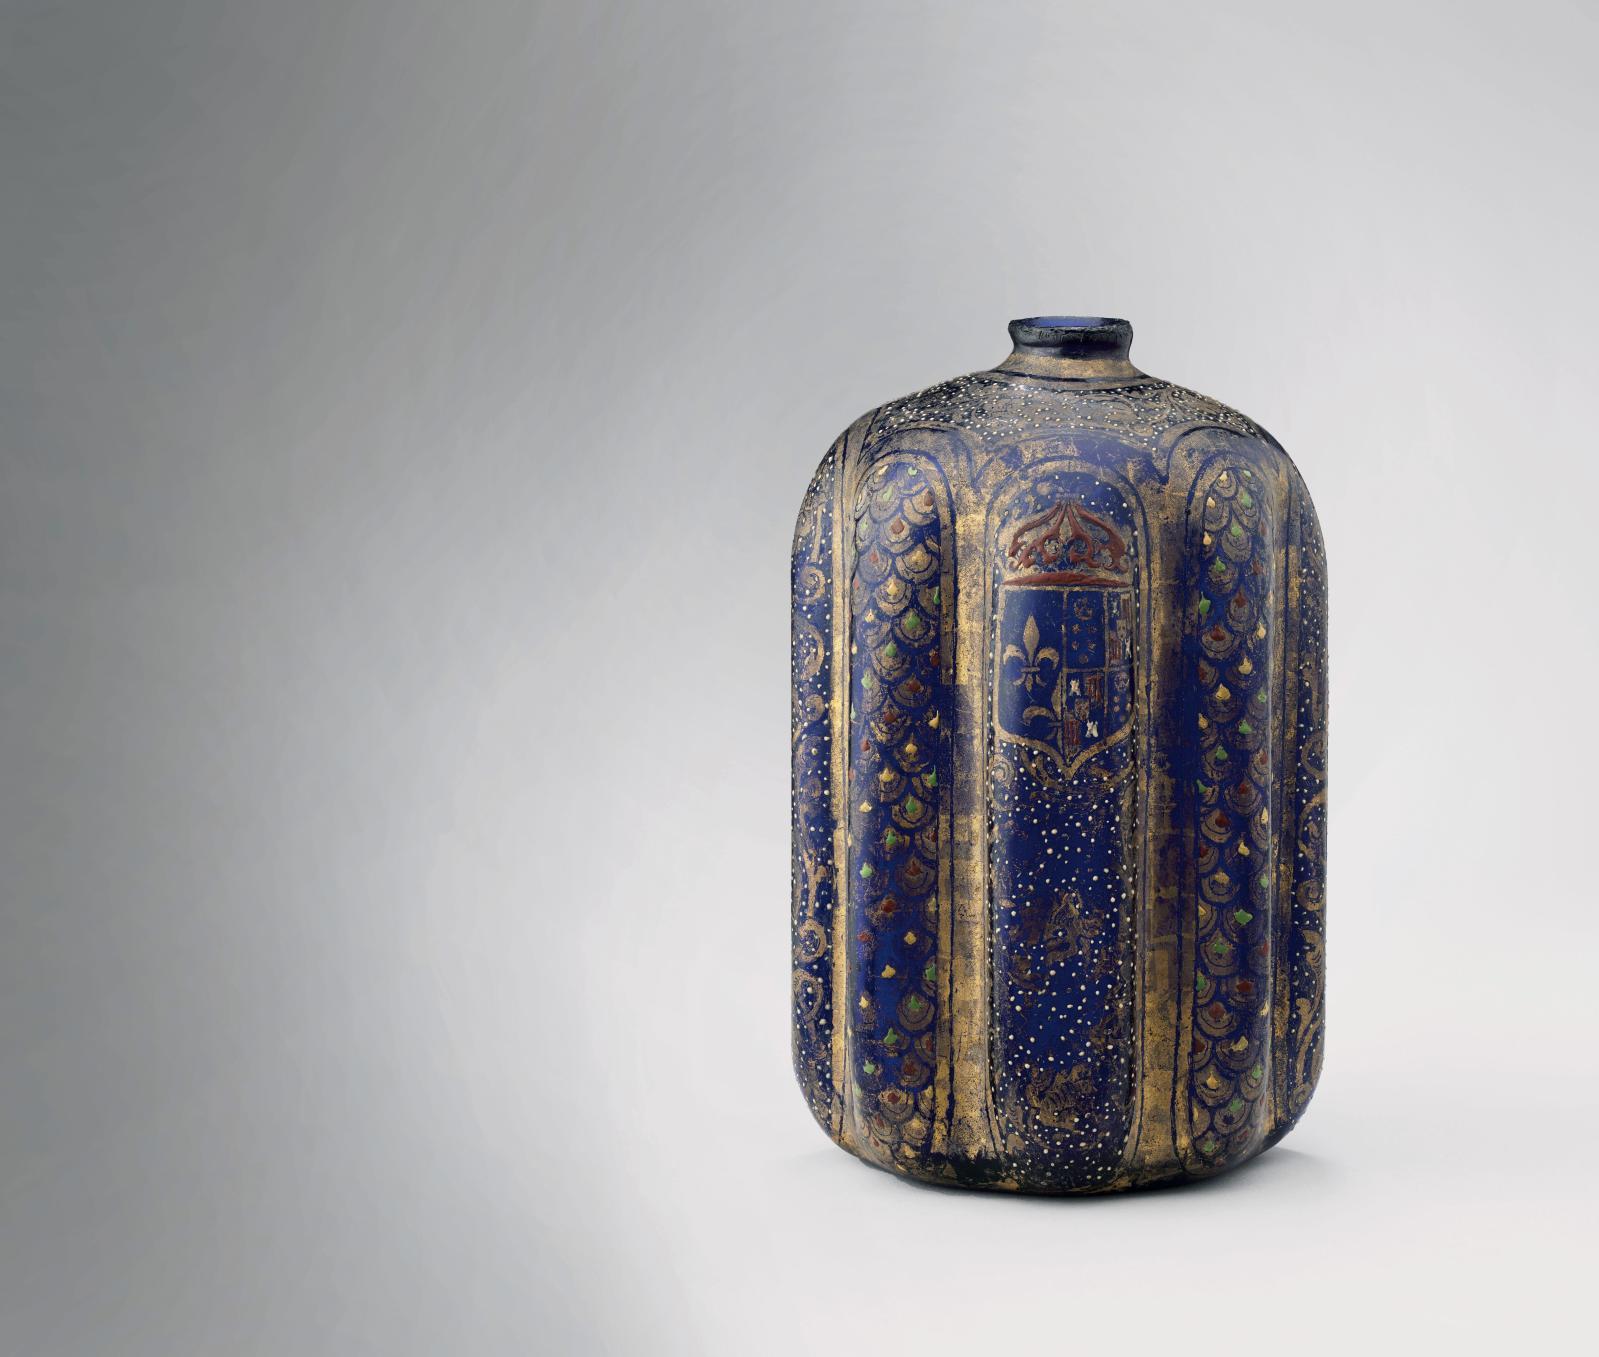 Bouteille aux armes de Catherine de Médicis, verre bleu émaillé, achetée à Paris en 1997. © RMN - GRAND PALAIS (MUSÉE DE LA RENAISSANCE, CHATEAU D'ÉCO